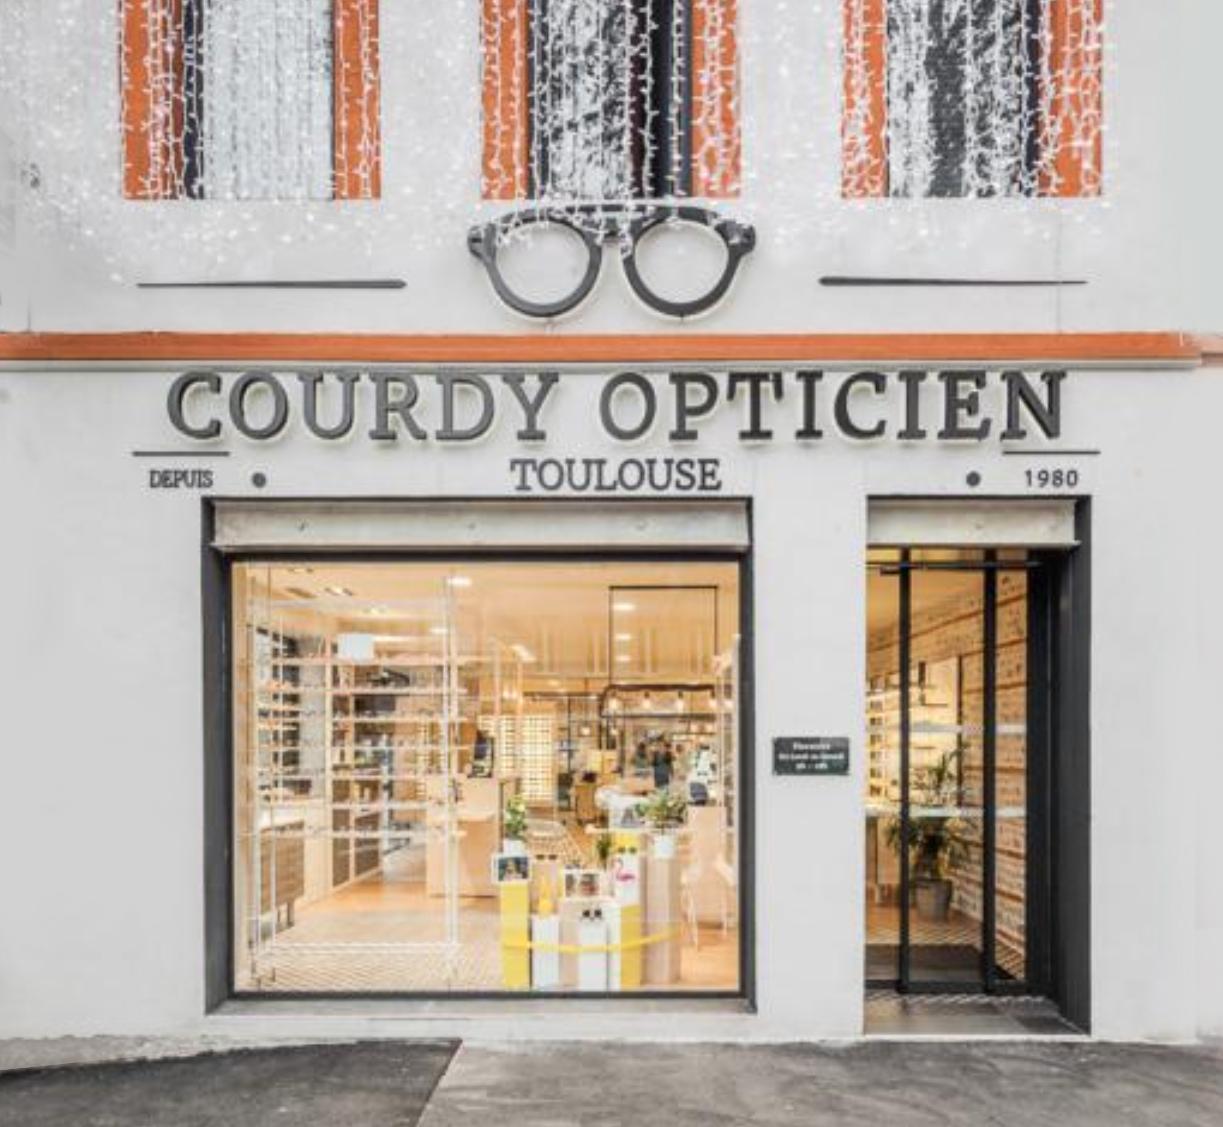 Courdy Opticien • Découvrez l'Avant / Après de l'agencement d'un magasin d'optique à Toulouse